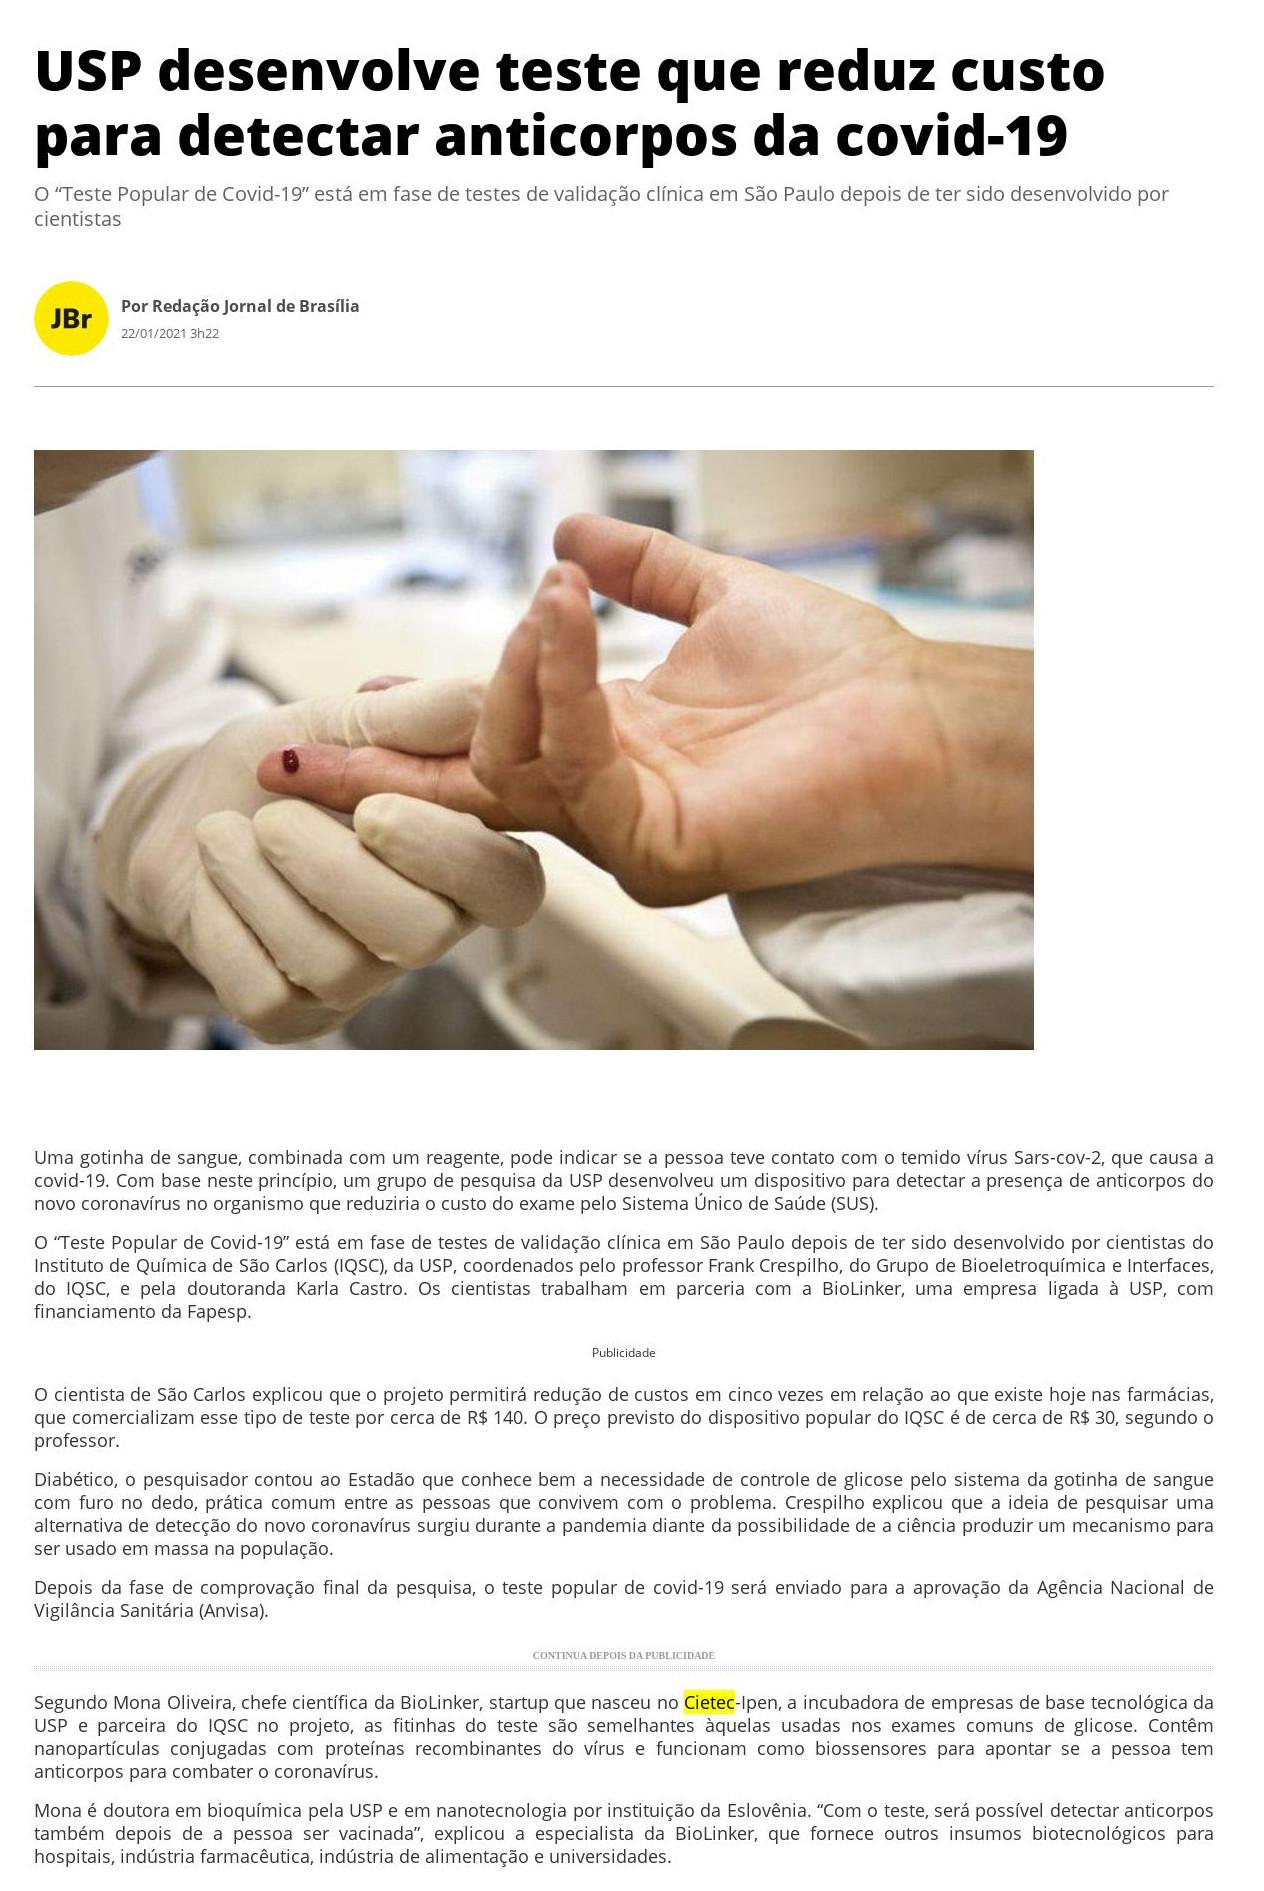 USP desenvolve teste que reduz custo para detectar anticorpos da covid-19 - Jornal de Brasília